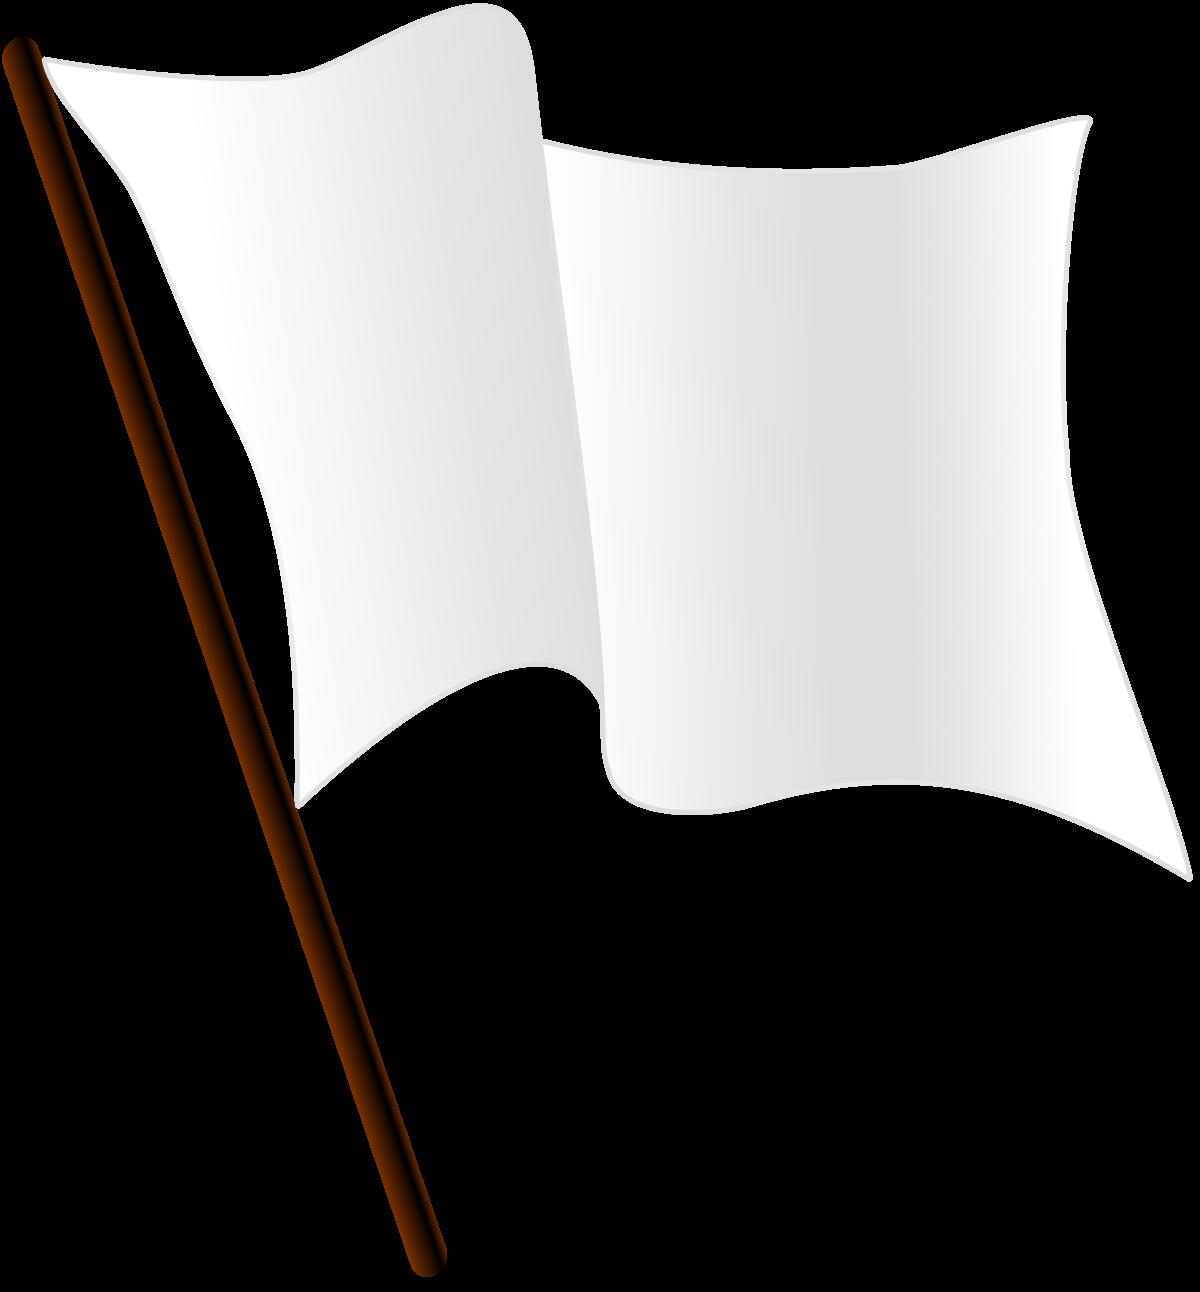 White wikipedia . Crime clipart capture the flag